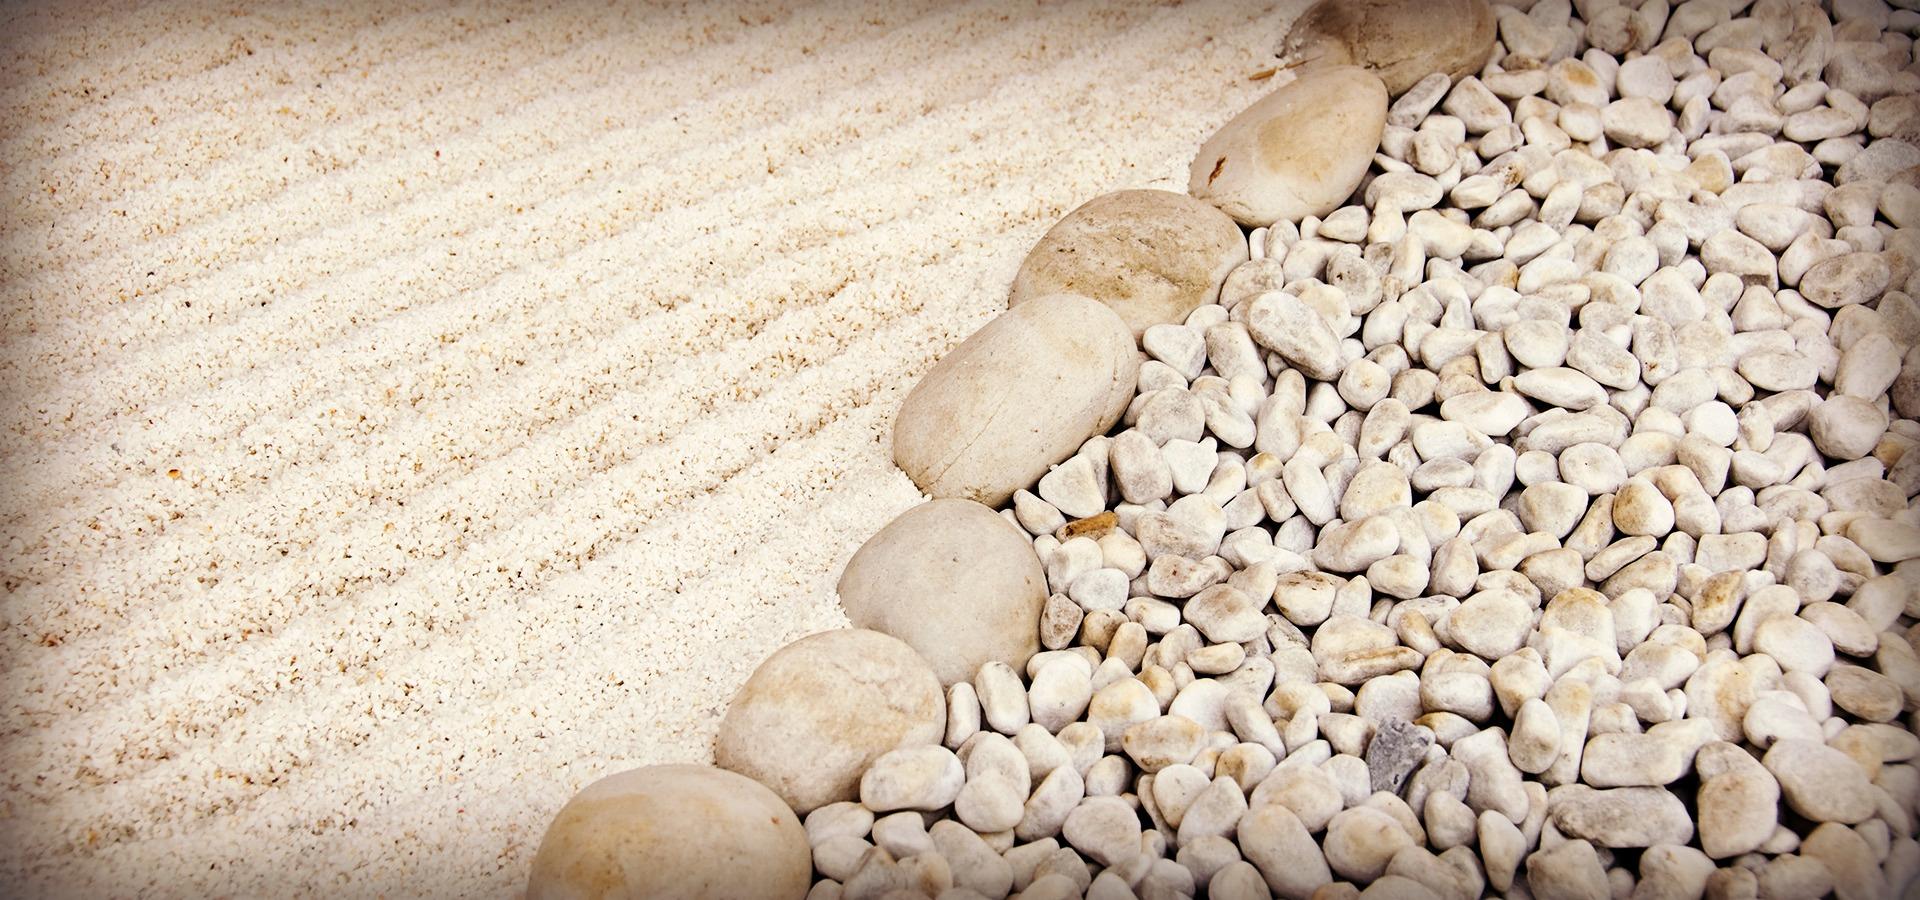 rocks-pebbles-sand.jpg